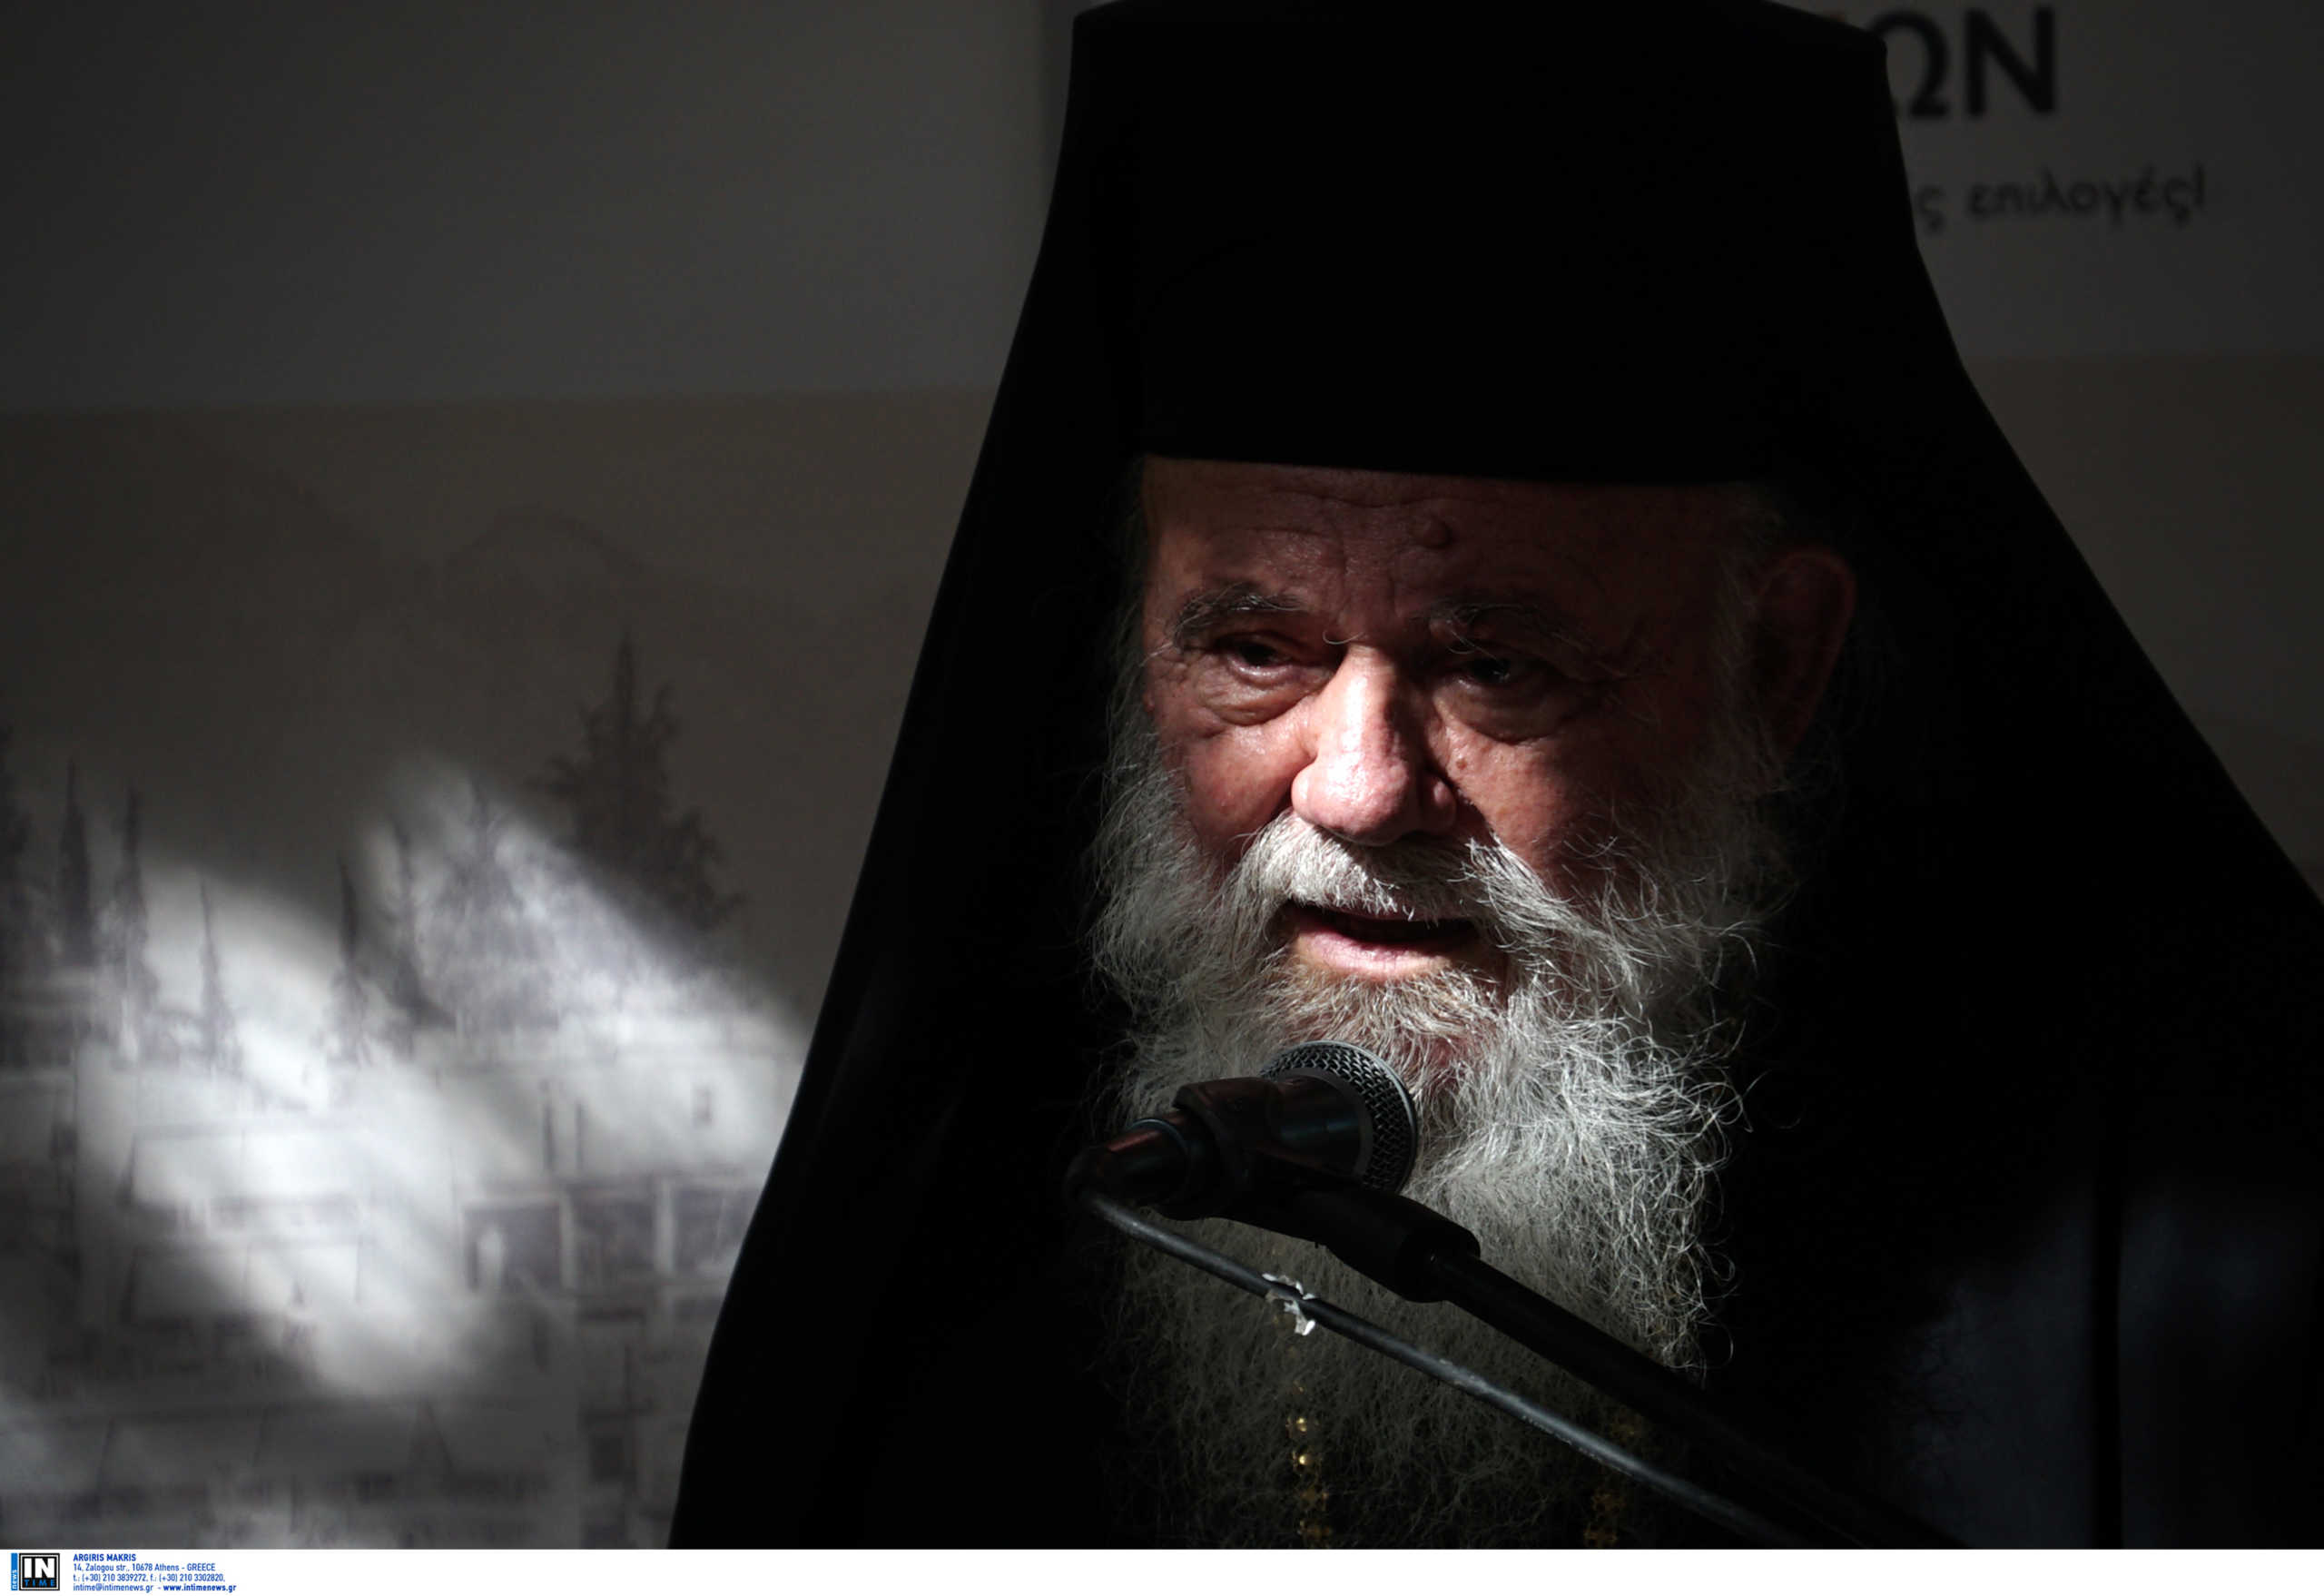 Με κορονοϊό ο Αρχιεπίσκοπος Ιερώνυμος! Μπήκε στη ΜΕΘ του Ευαγγελισμού